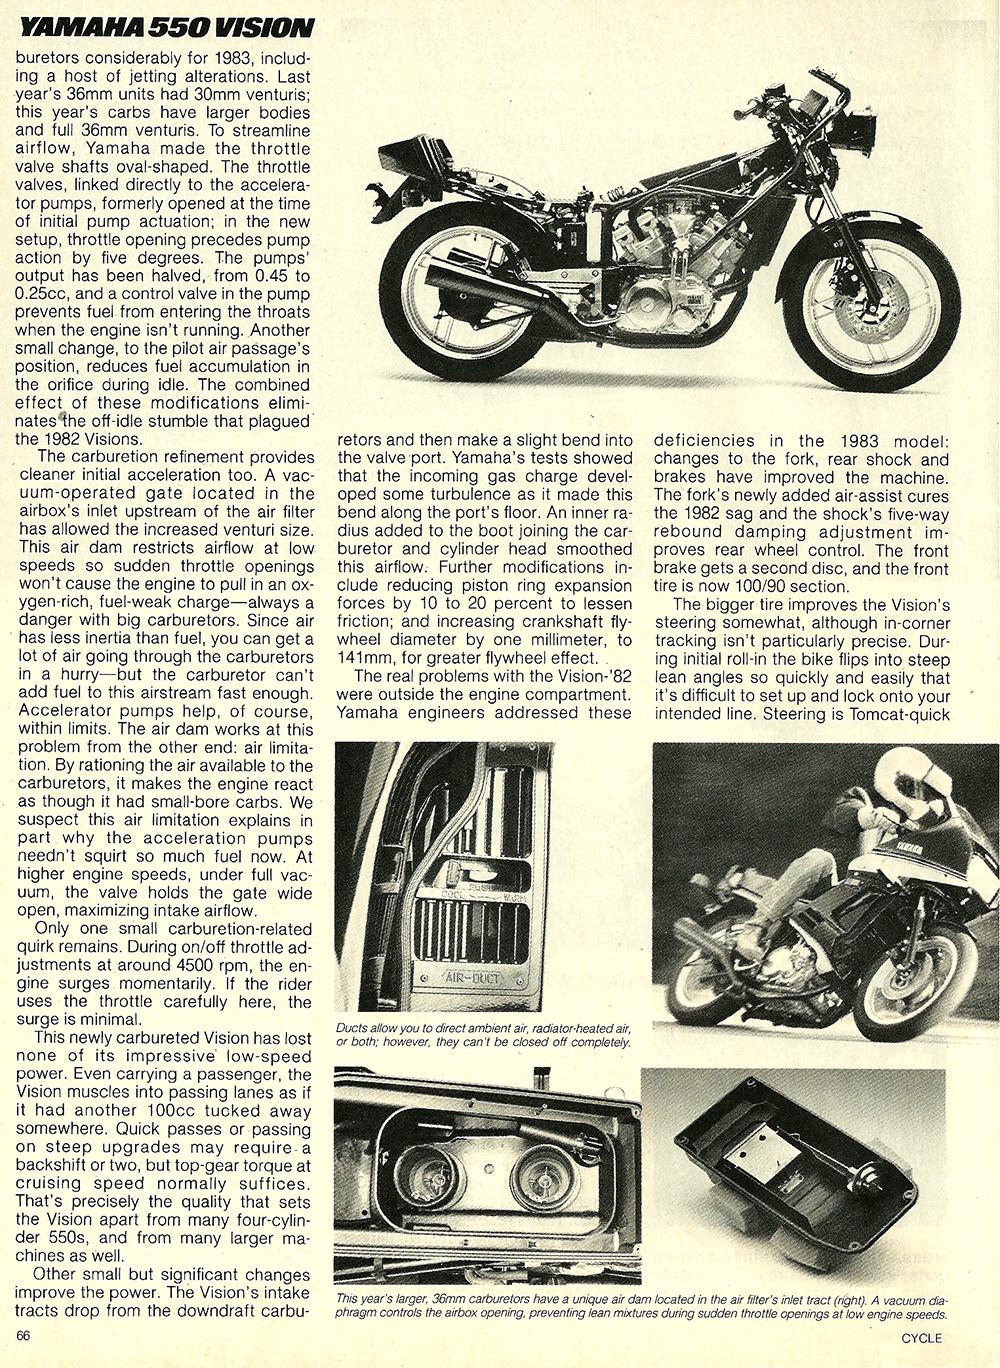 1983 Yamaha XZ550RK Vision road test 5.jpg